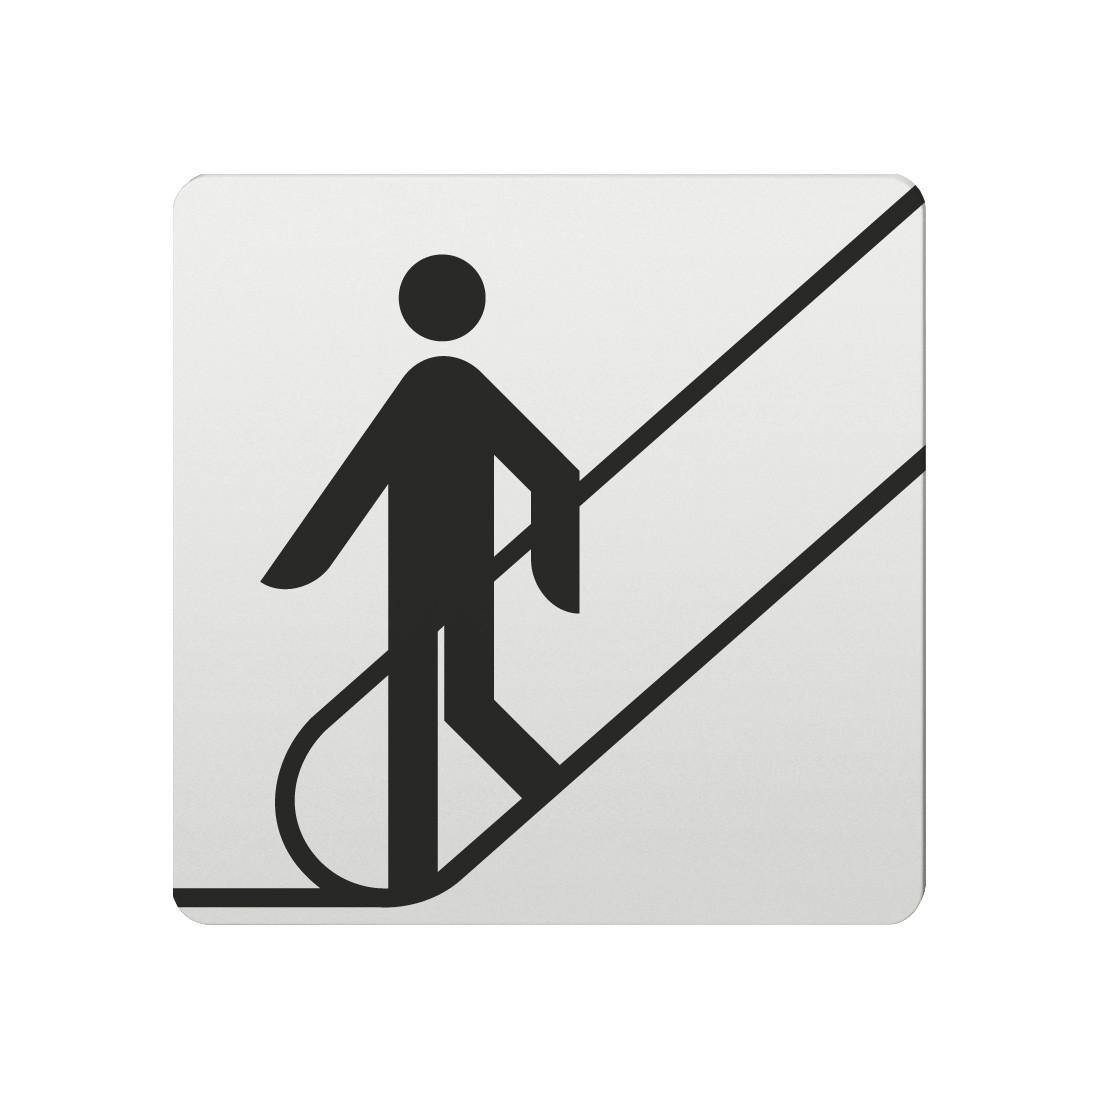 FSB Hinweiszeichen Rolltreppe nach unten Lasergraviert Aluminium naturfarbig (0 36 4059 00015 0105)